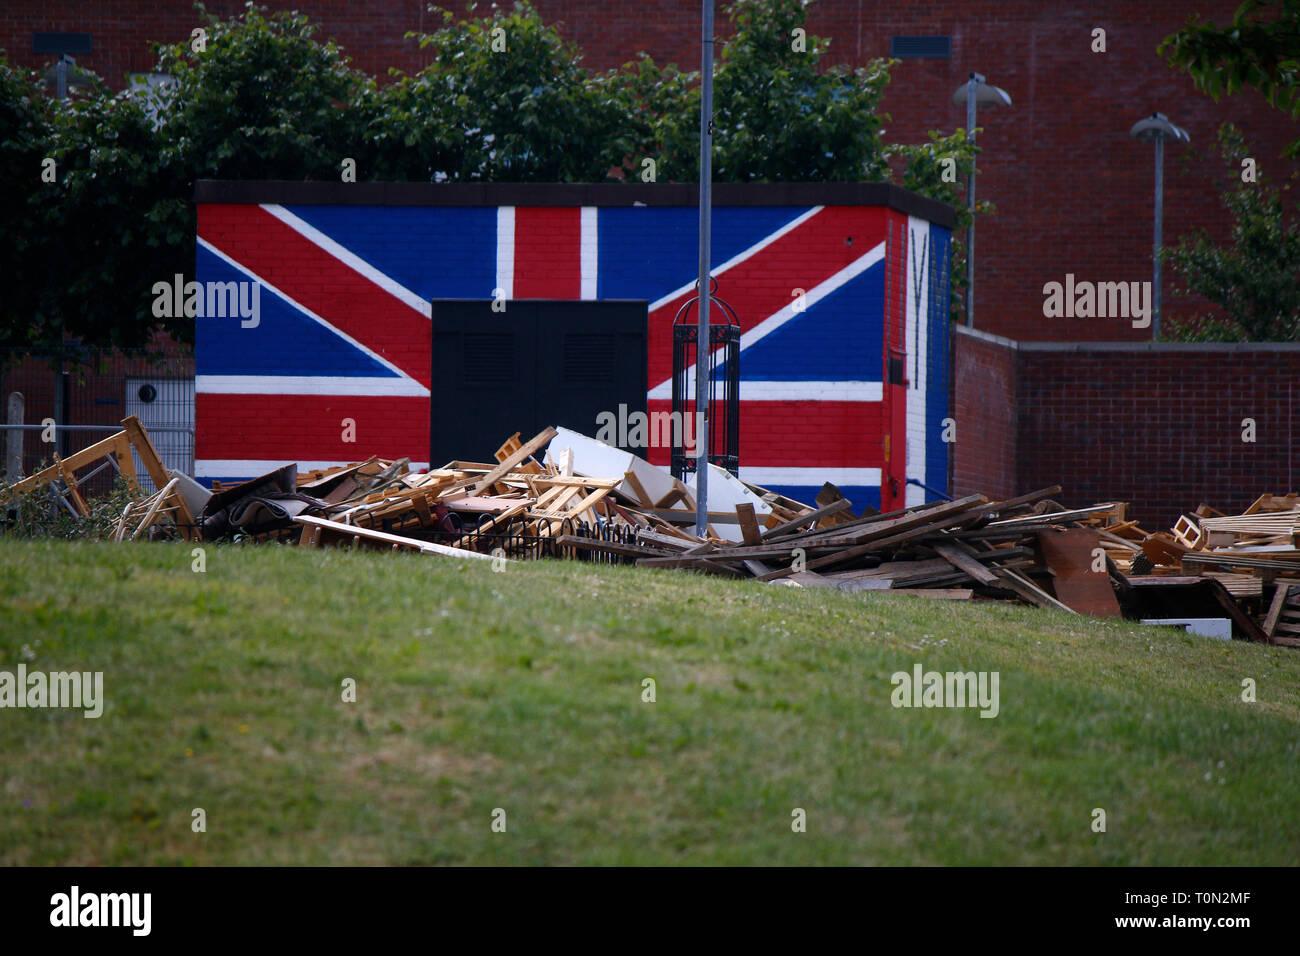 britische Fahne - Wandbild/ Mural, das an den Buergerkrieg erinnert , im protestantischen Teil Belfasts, Shankill Road, Belfast, Nordirland  (nur fuer - Stock Image